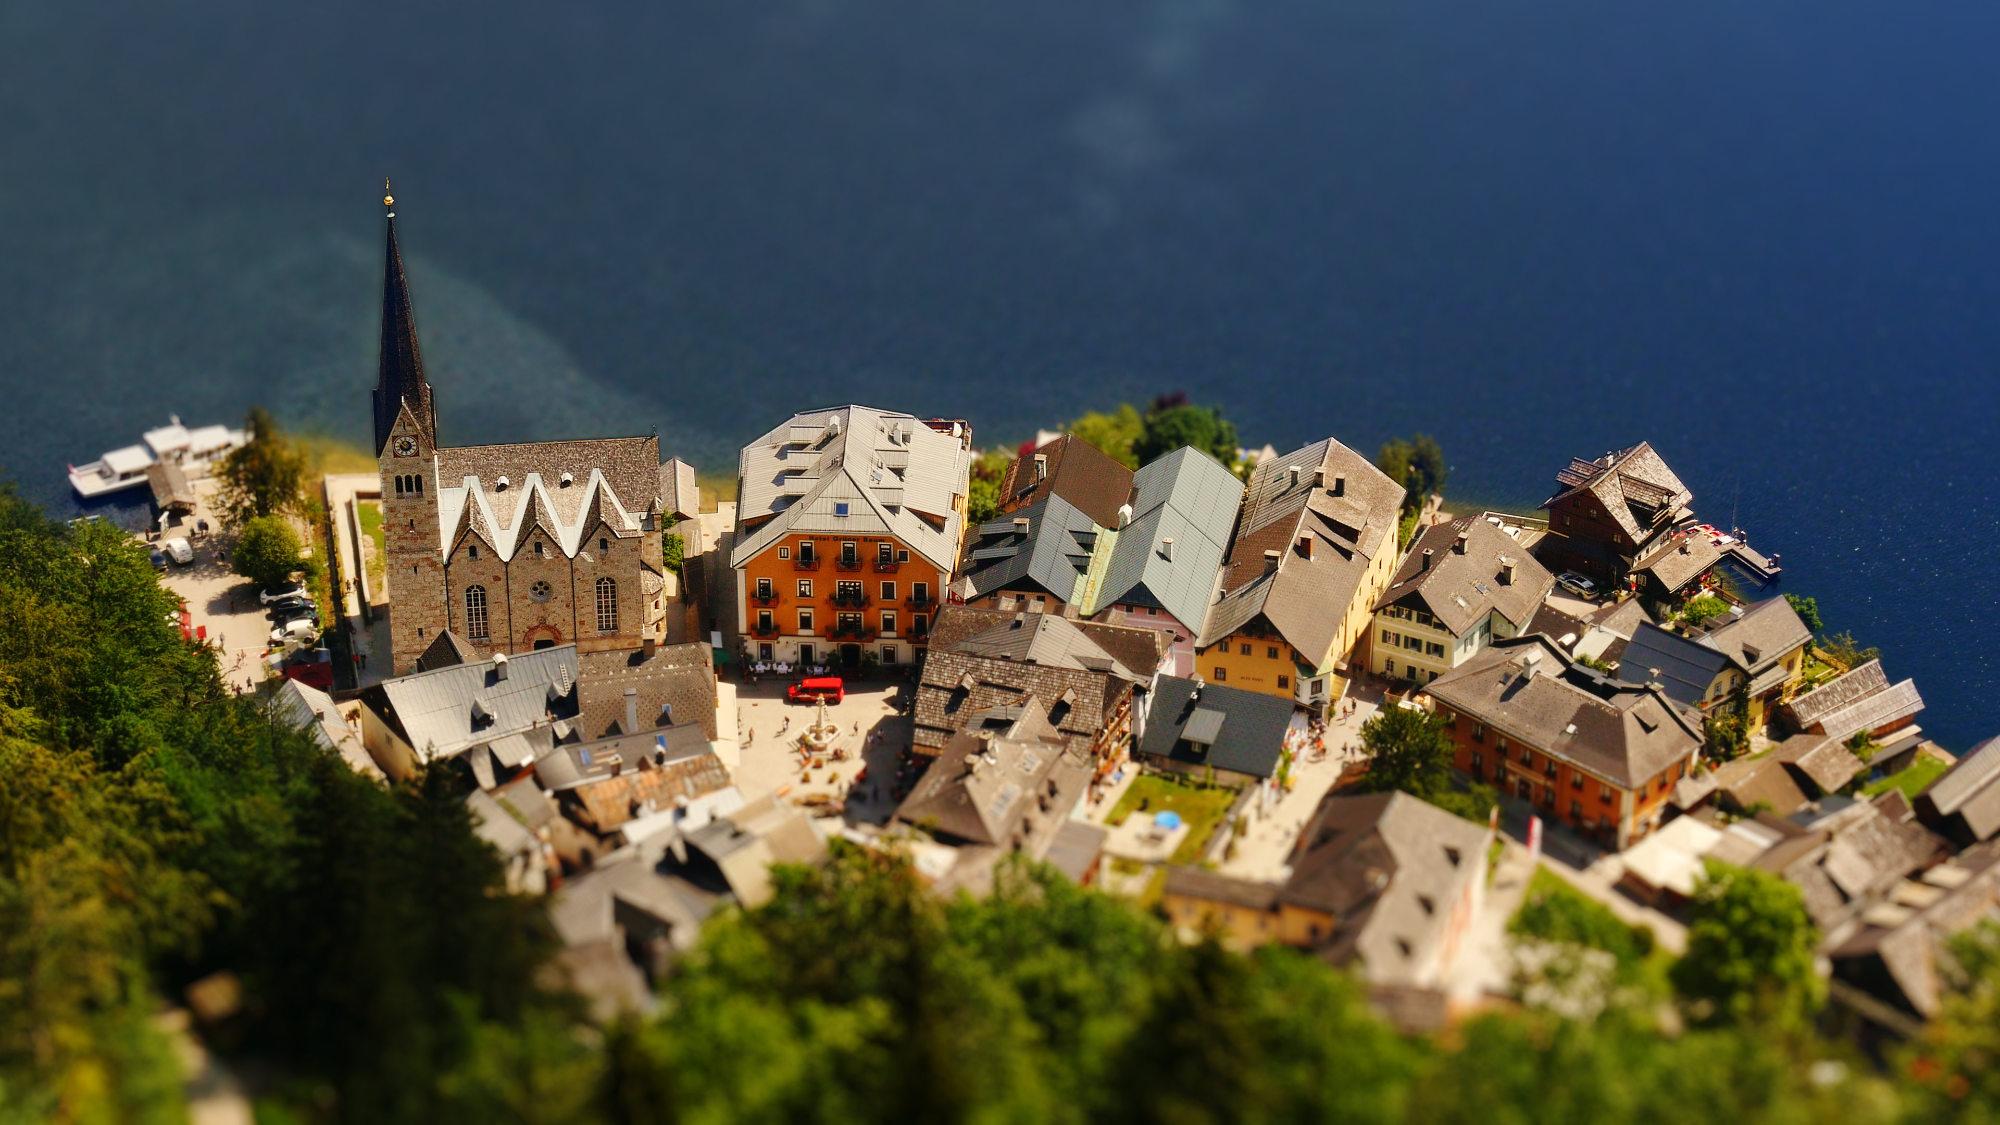 Aerial view of Hallstatt, Austria. Screenshot from tilt shift time lapse video